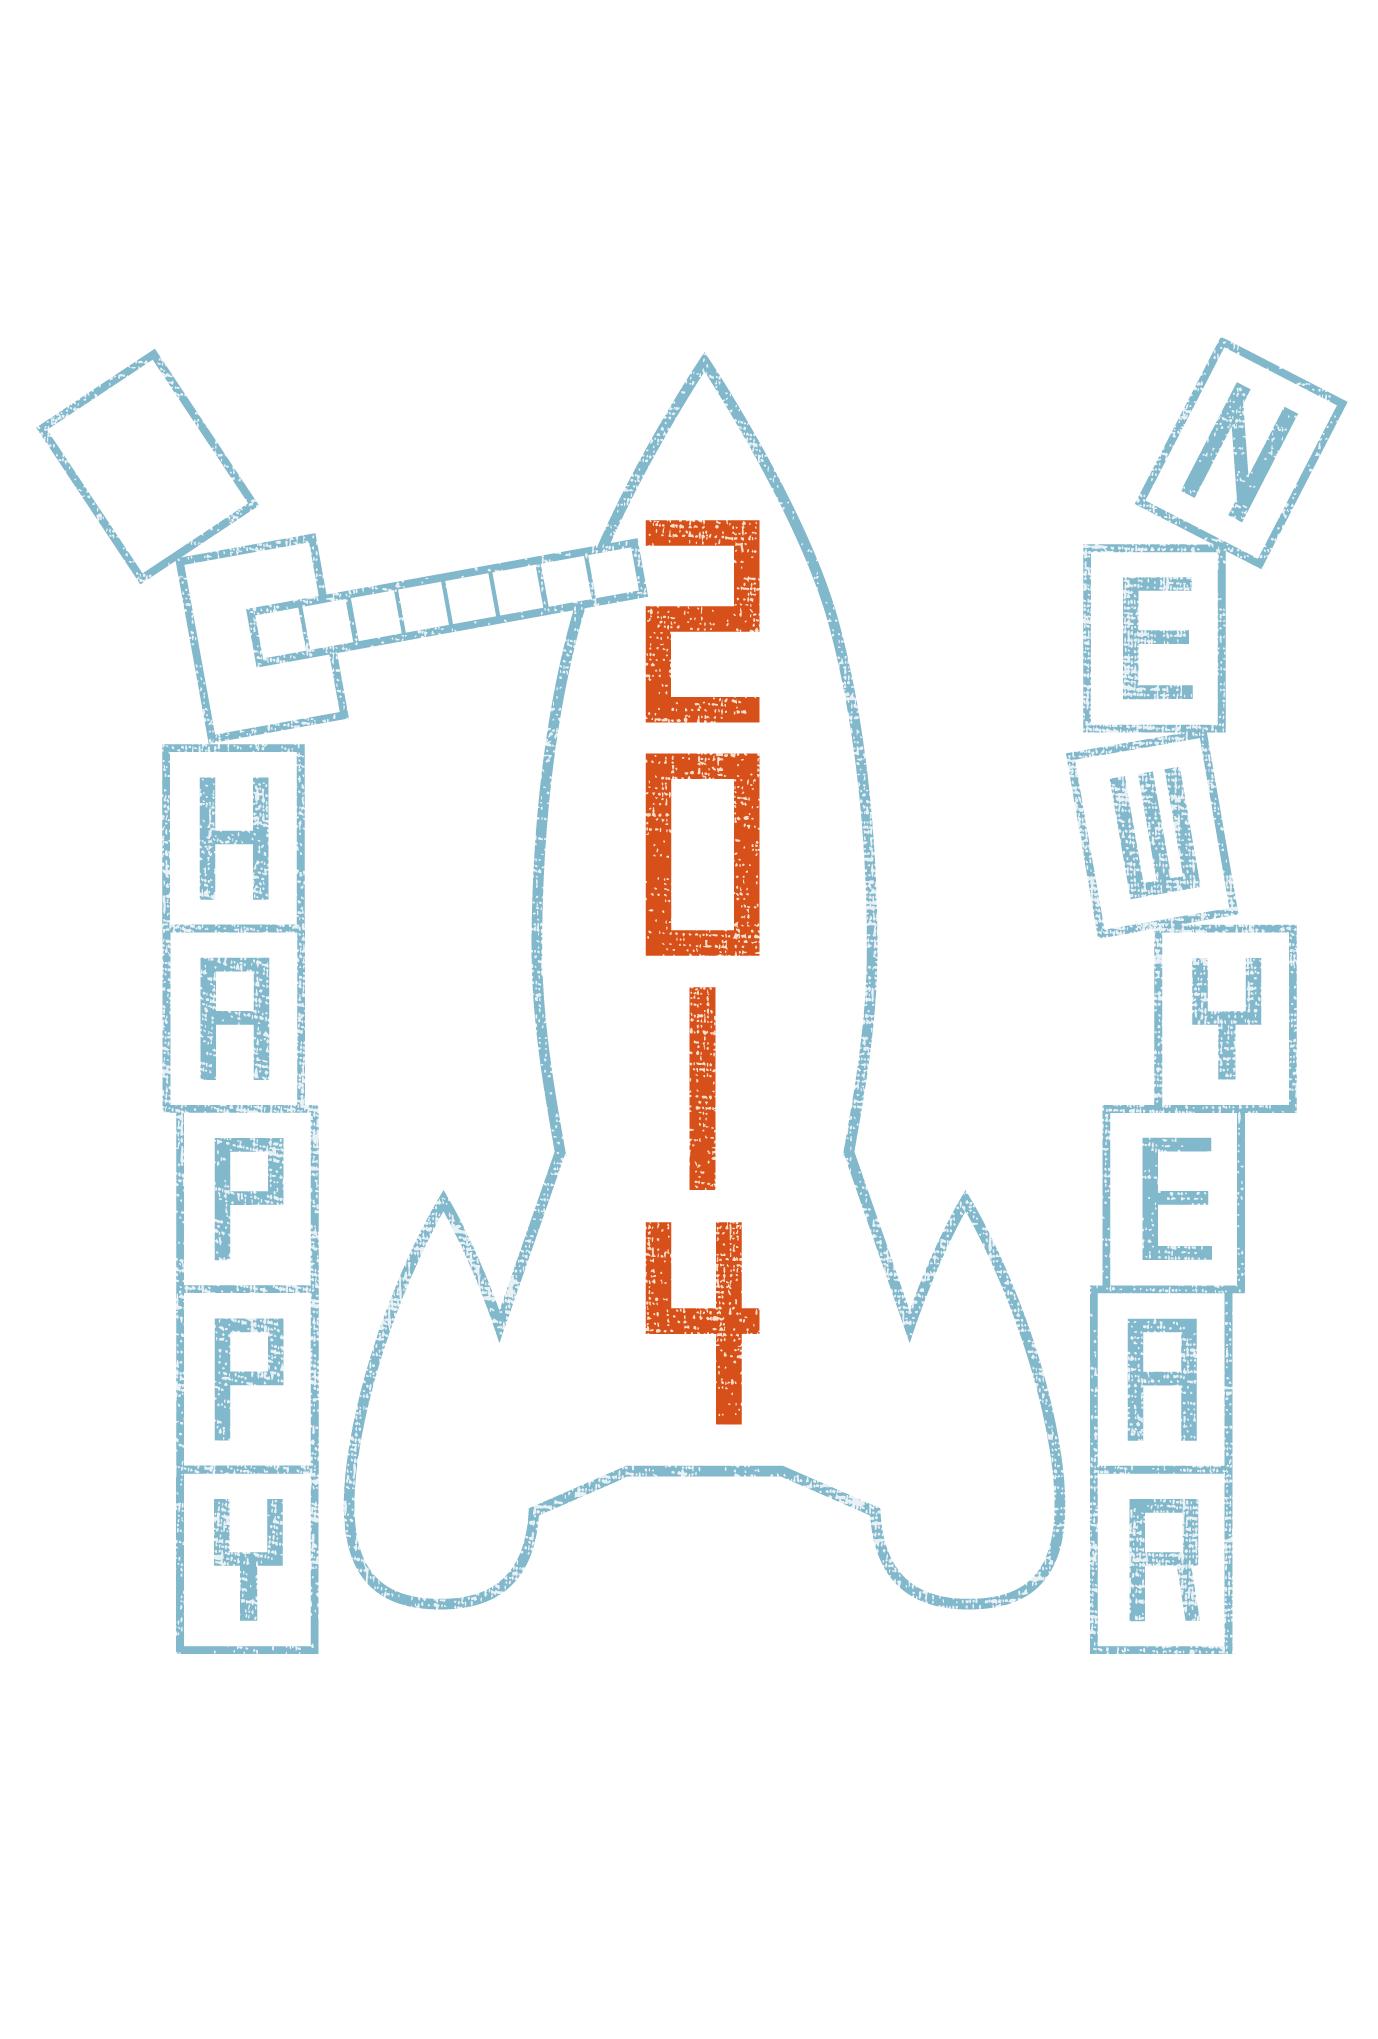 2014年賀状02-1:New year rocket / 1のダウンロード画像